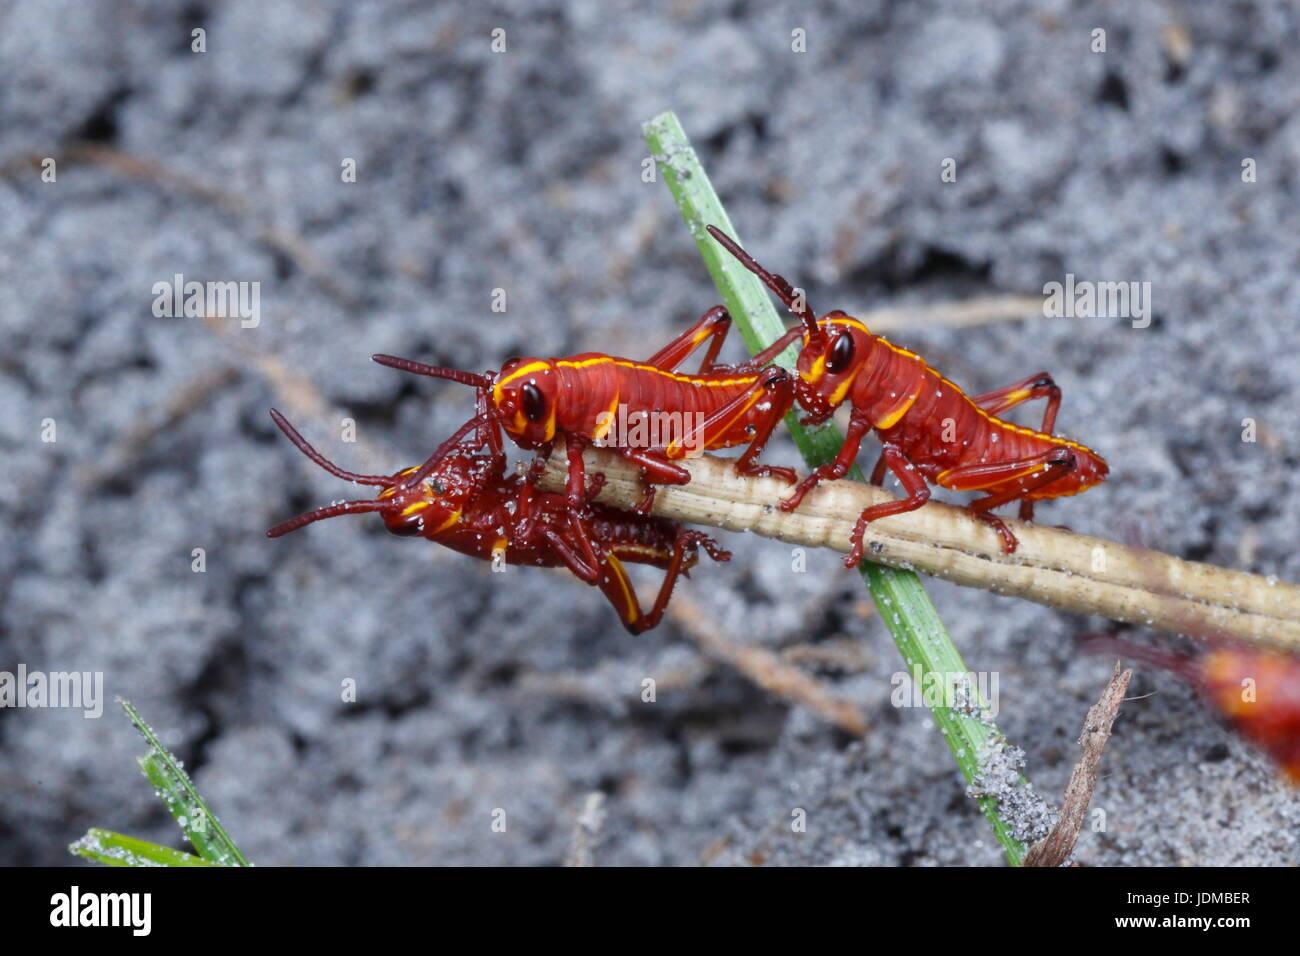 Lümmel Heuschrecke Nymphen, Romalia Guttata, ergeben sich aus dem Boden in großen Gruppen. Stockbild